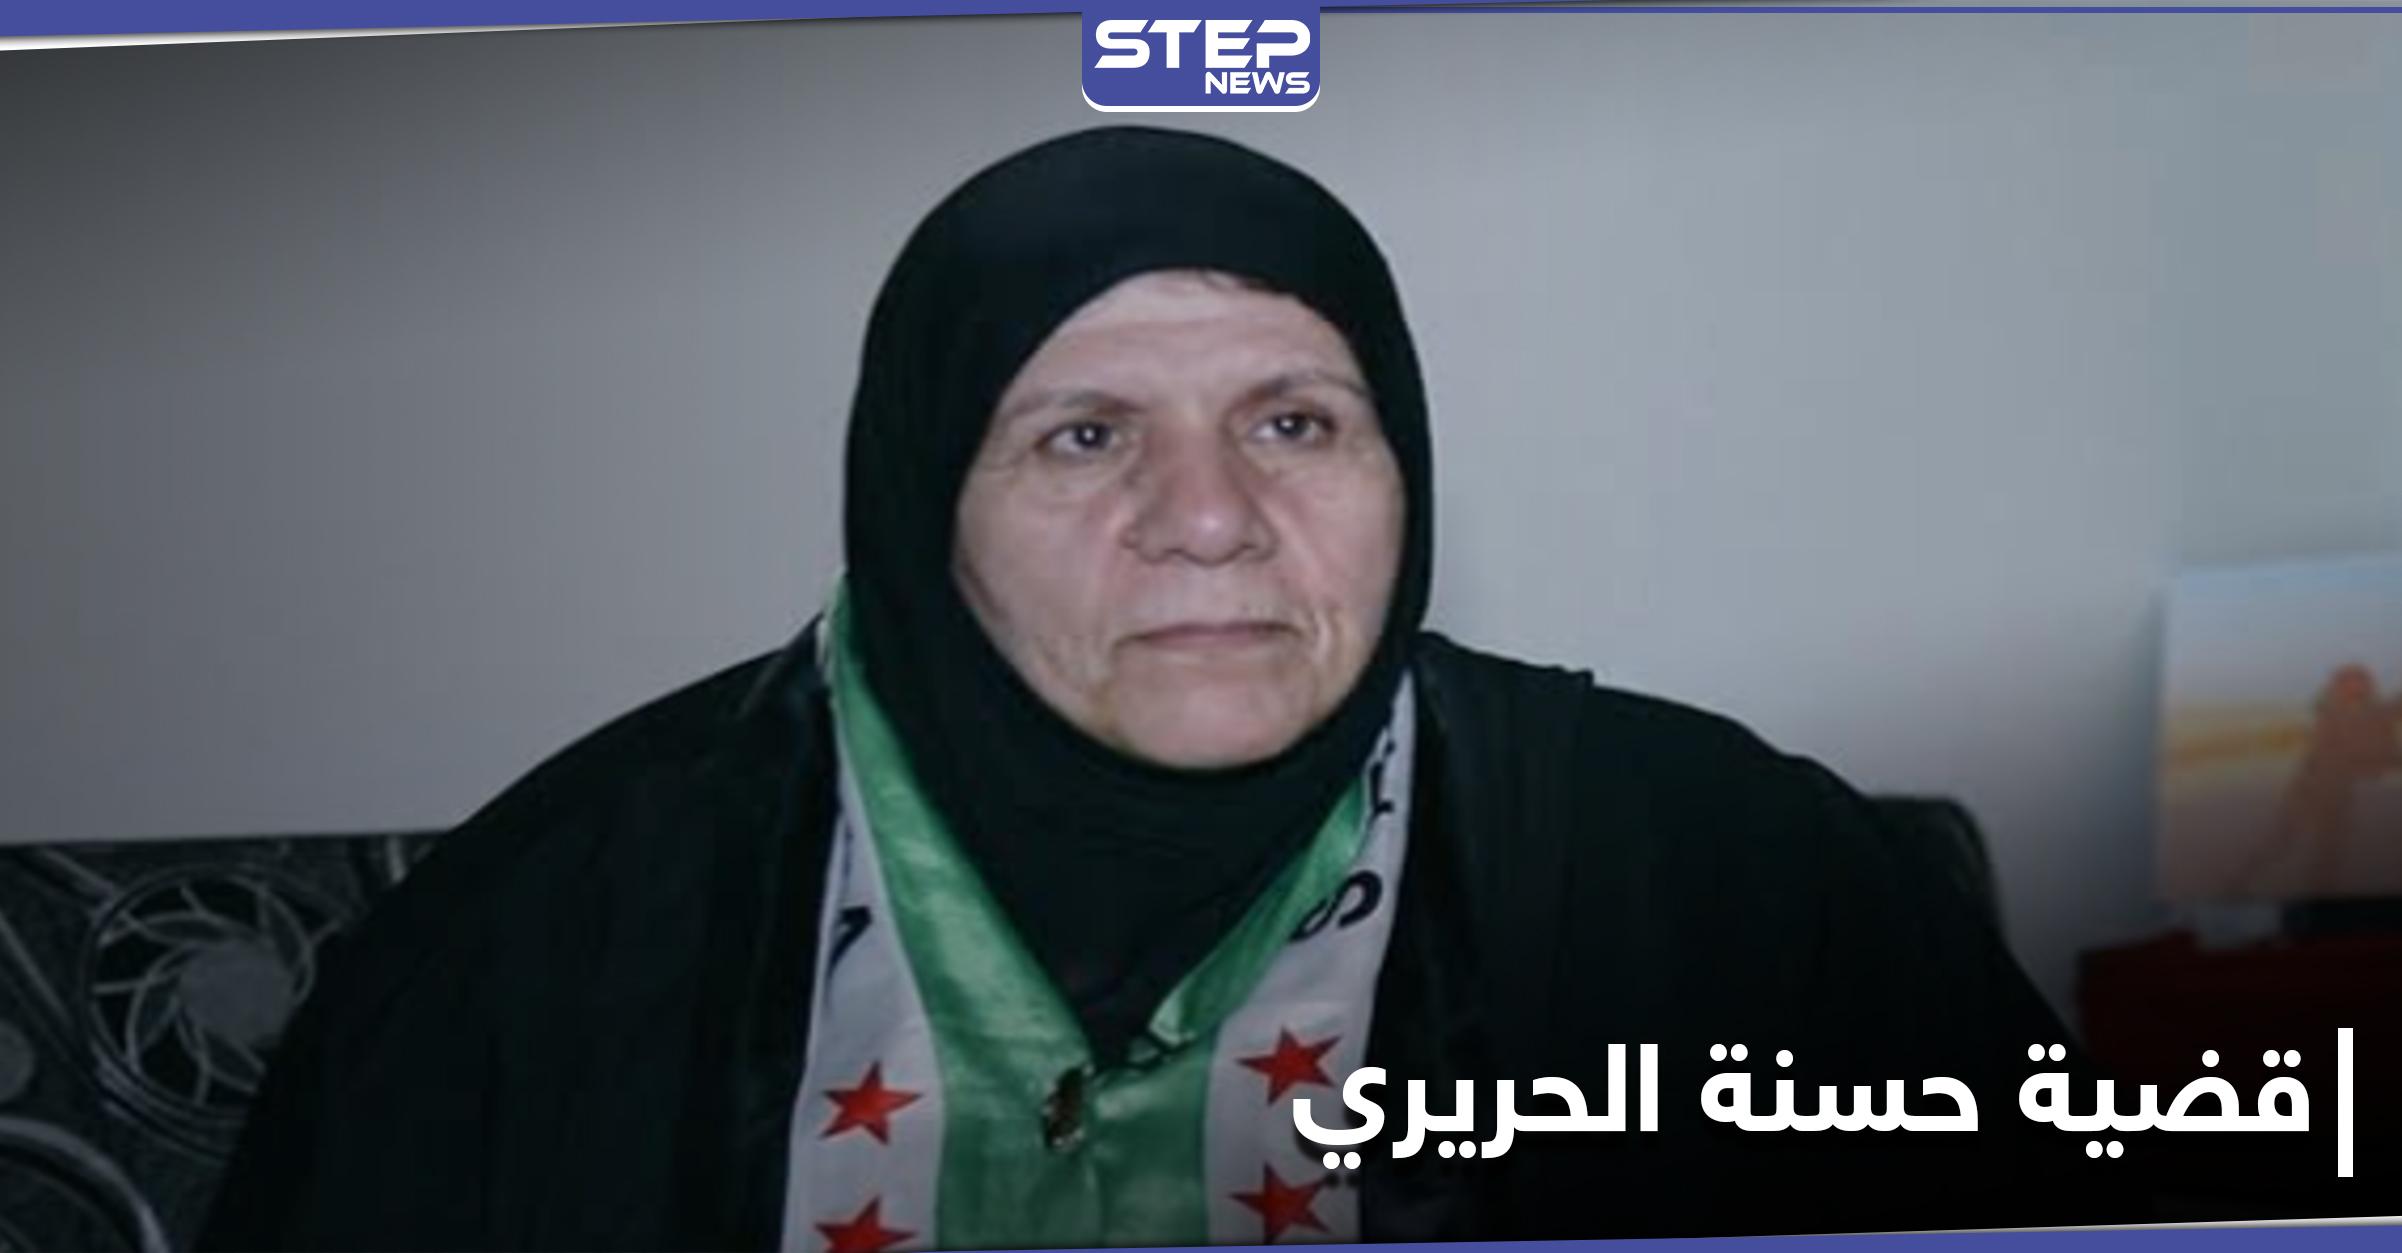 """مصدر أردني: خنساء حوران تقوم بأنشطة """"غير قانونية"""" تسيء للأردن"""